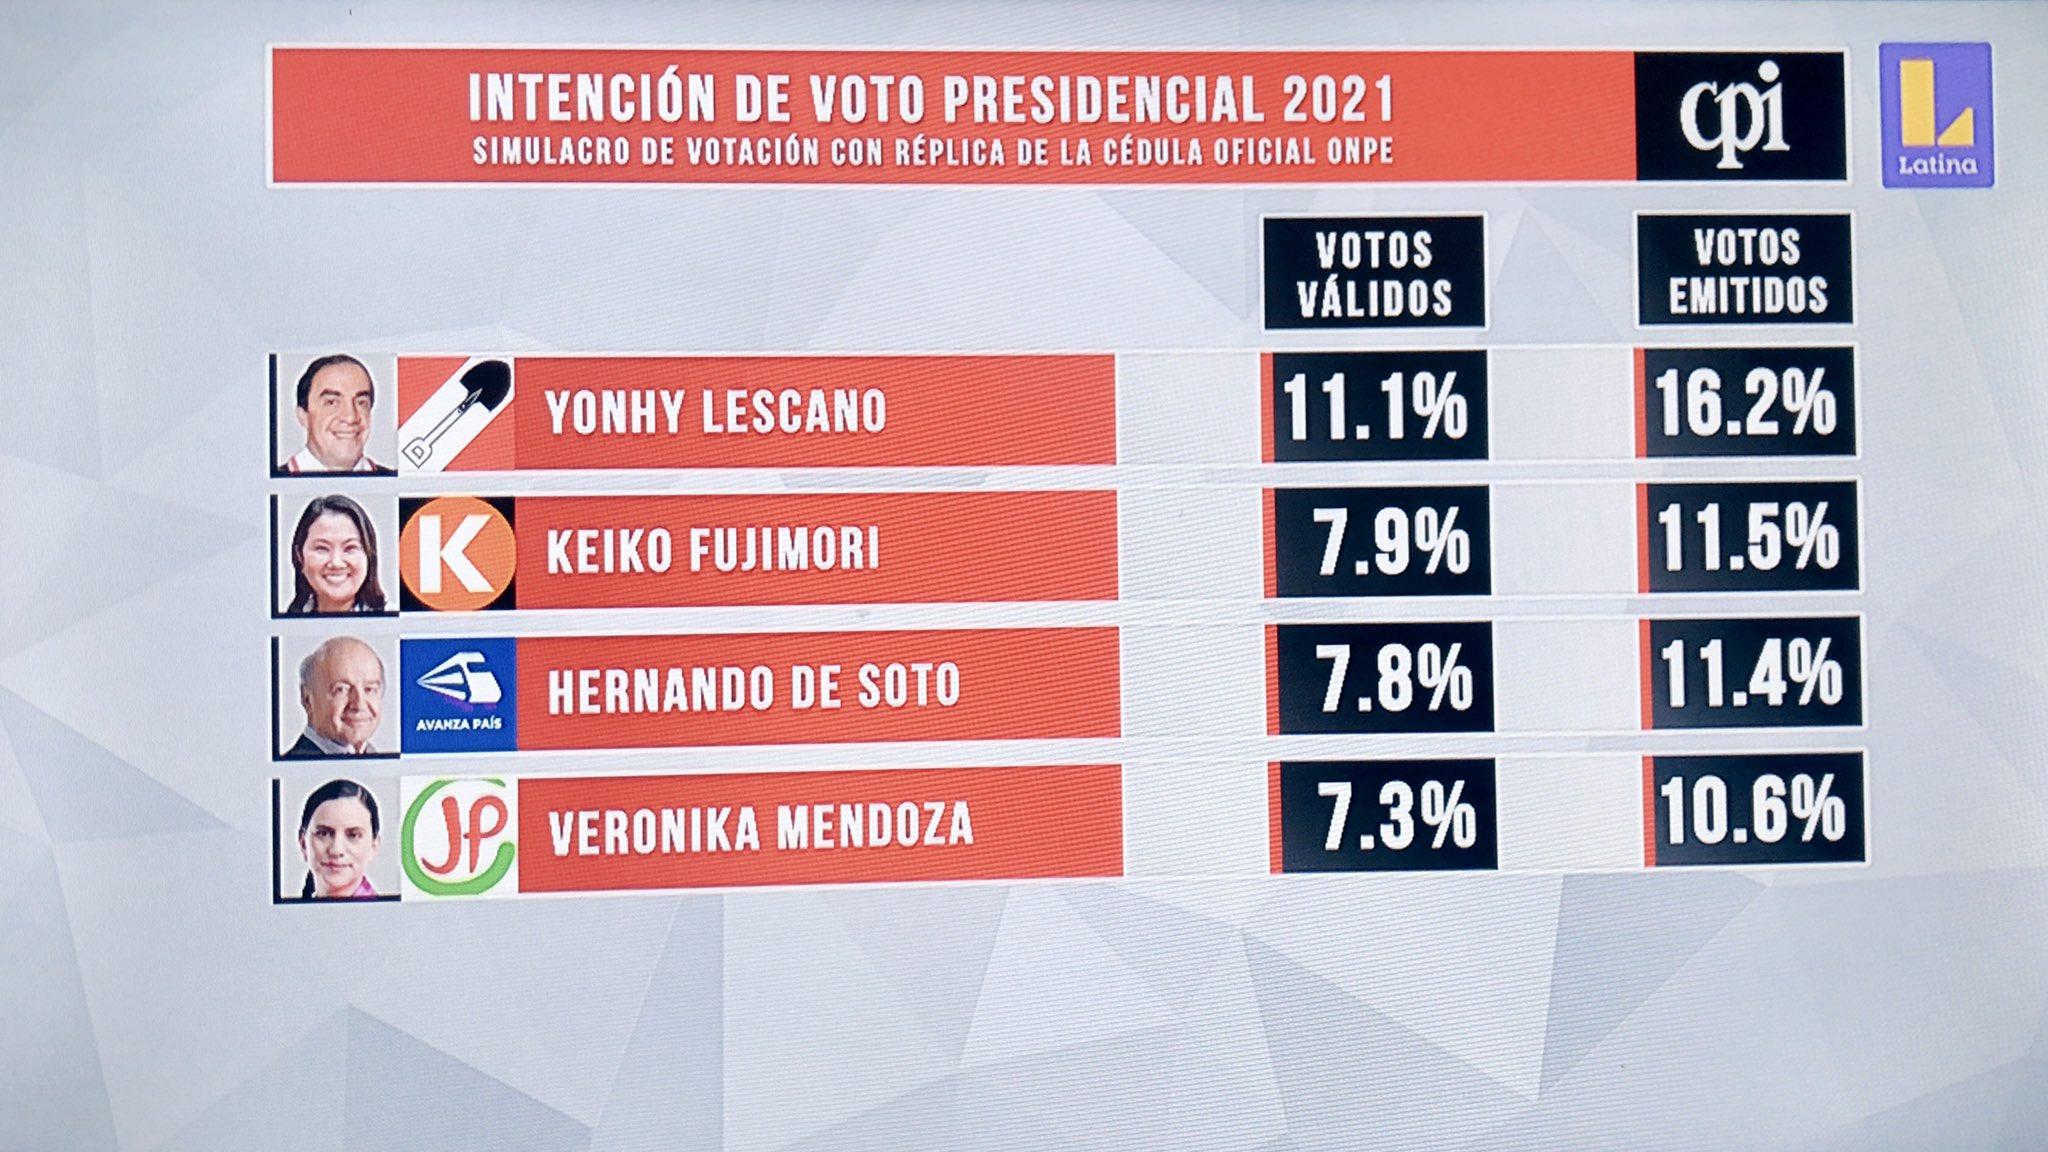 CPI: Simulacro de votación pone primero a Yonhy Lescano seguido de Keiko Fujimori y Hernando de Soto